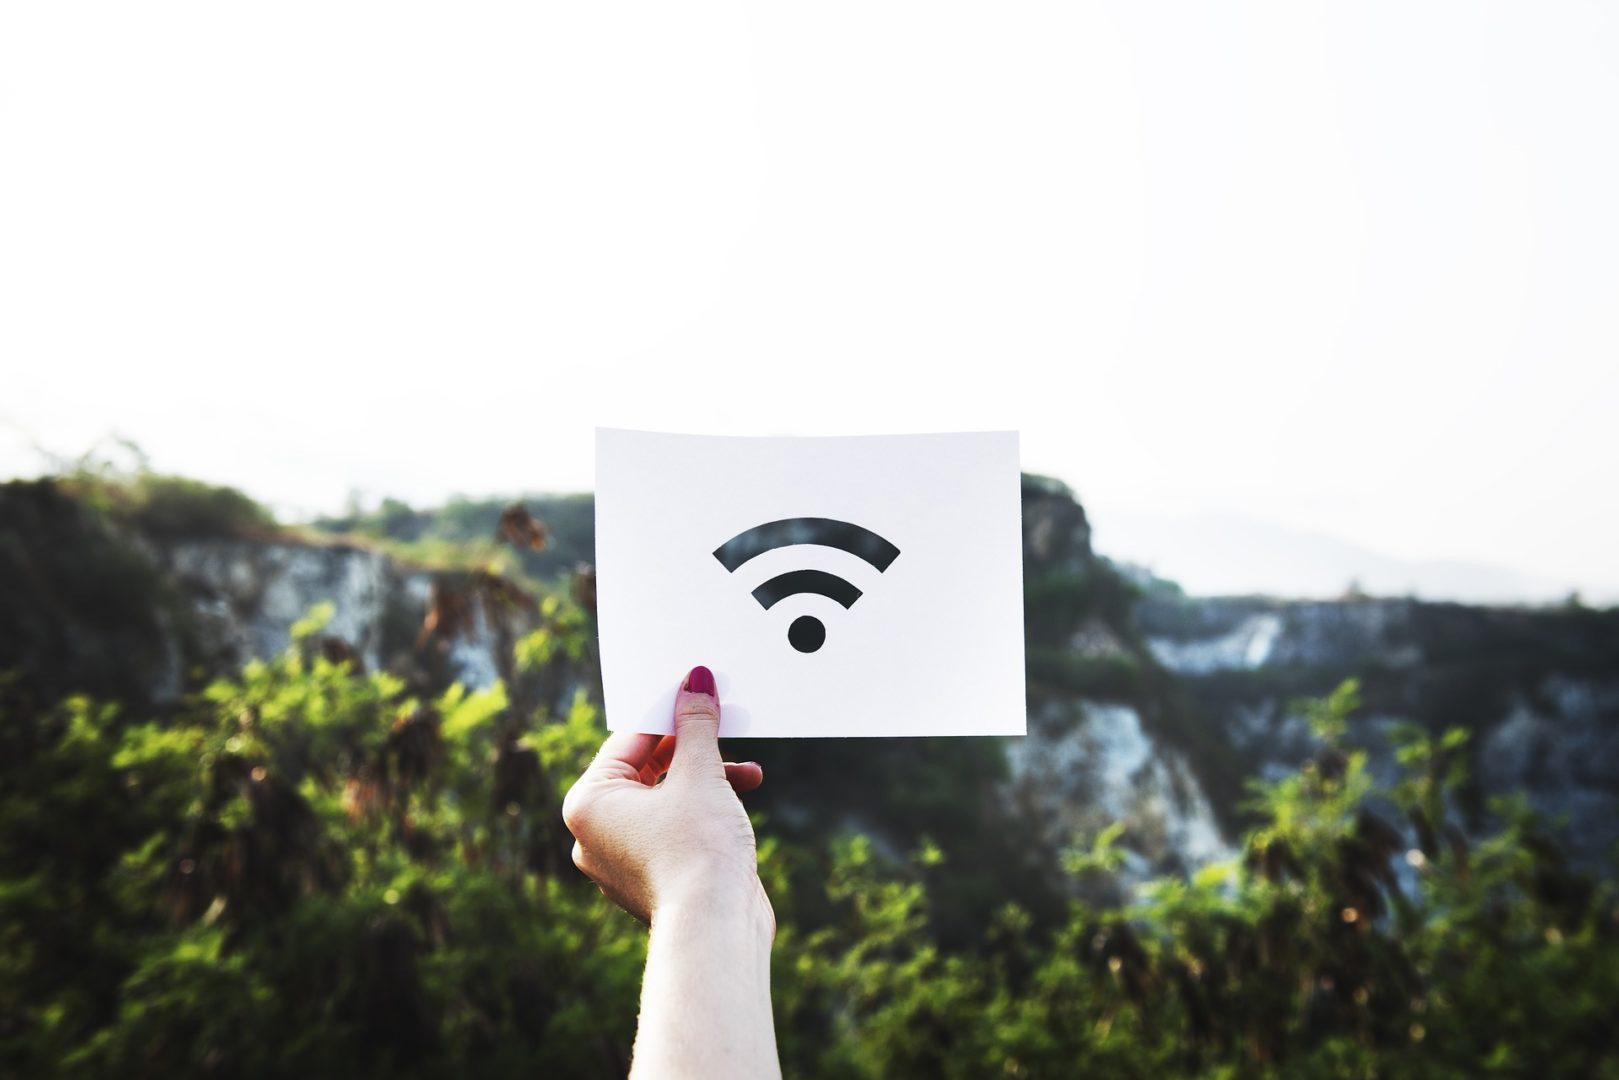 Last van een slecht WiFi-signaal?